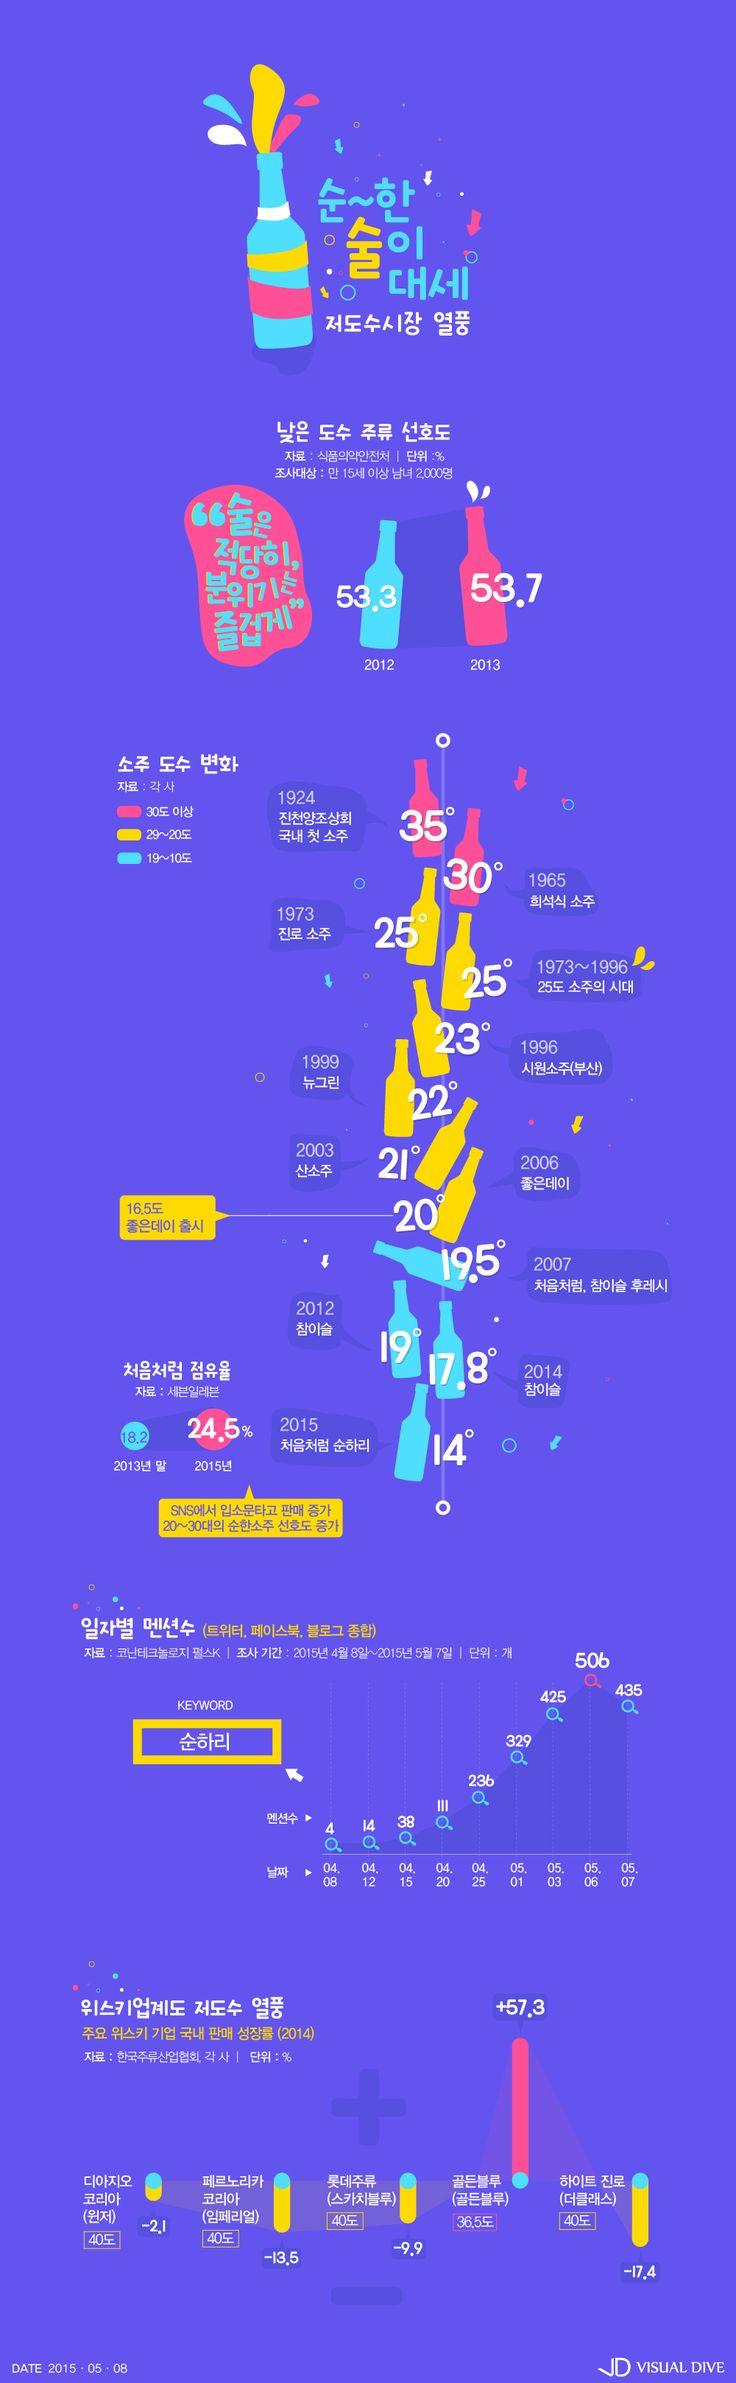 '순한 술'이 대세?…주류업계 '도수' 내리기 경쟁 [인포그래픽] # / #Infographic ⓒ 비주얼다이브 무단 복사·전재·재배포